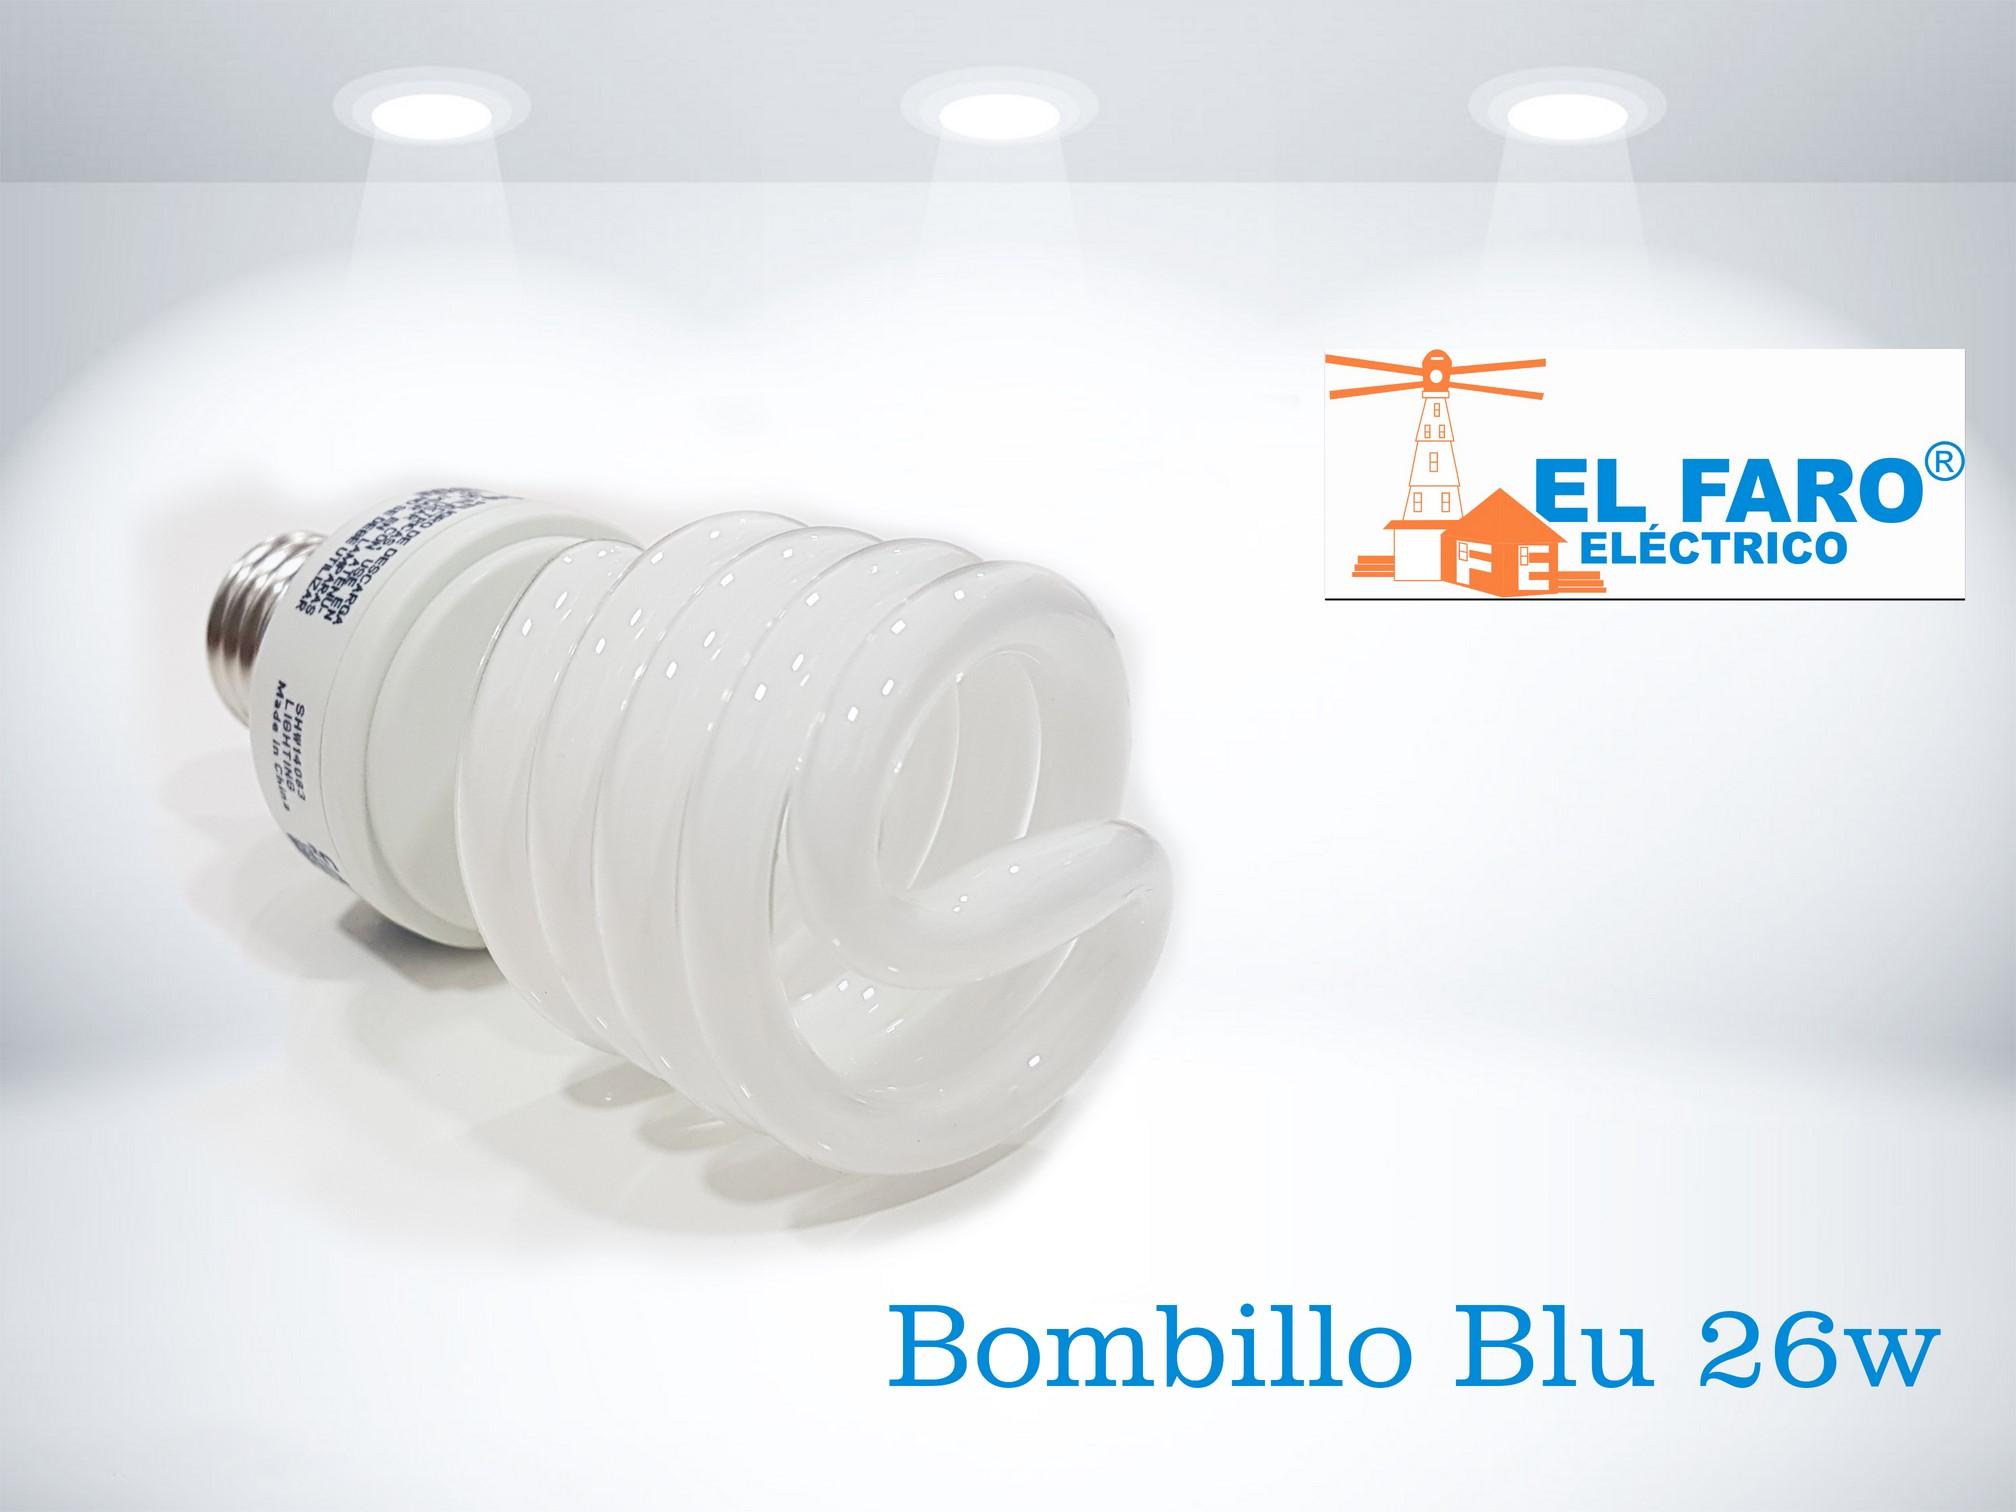 Bombillo Blu 23w